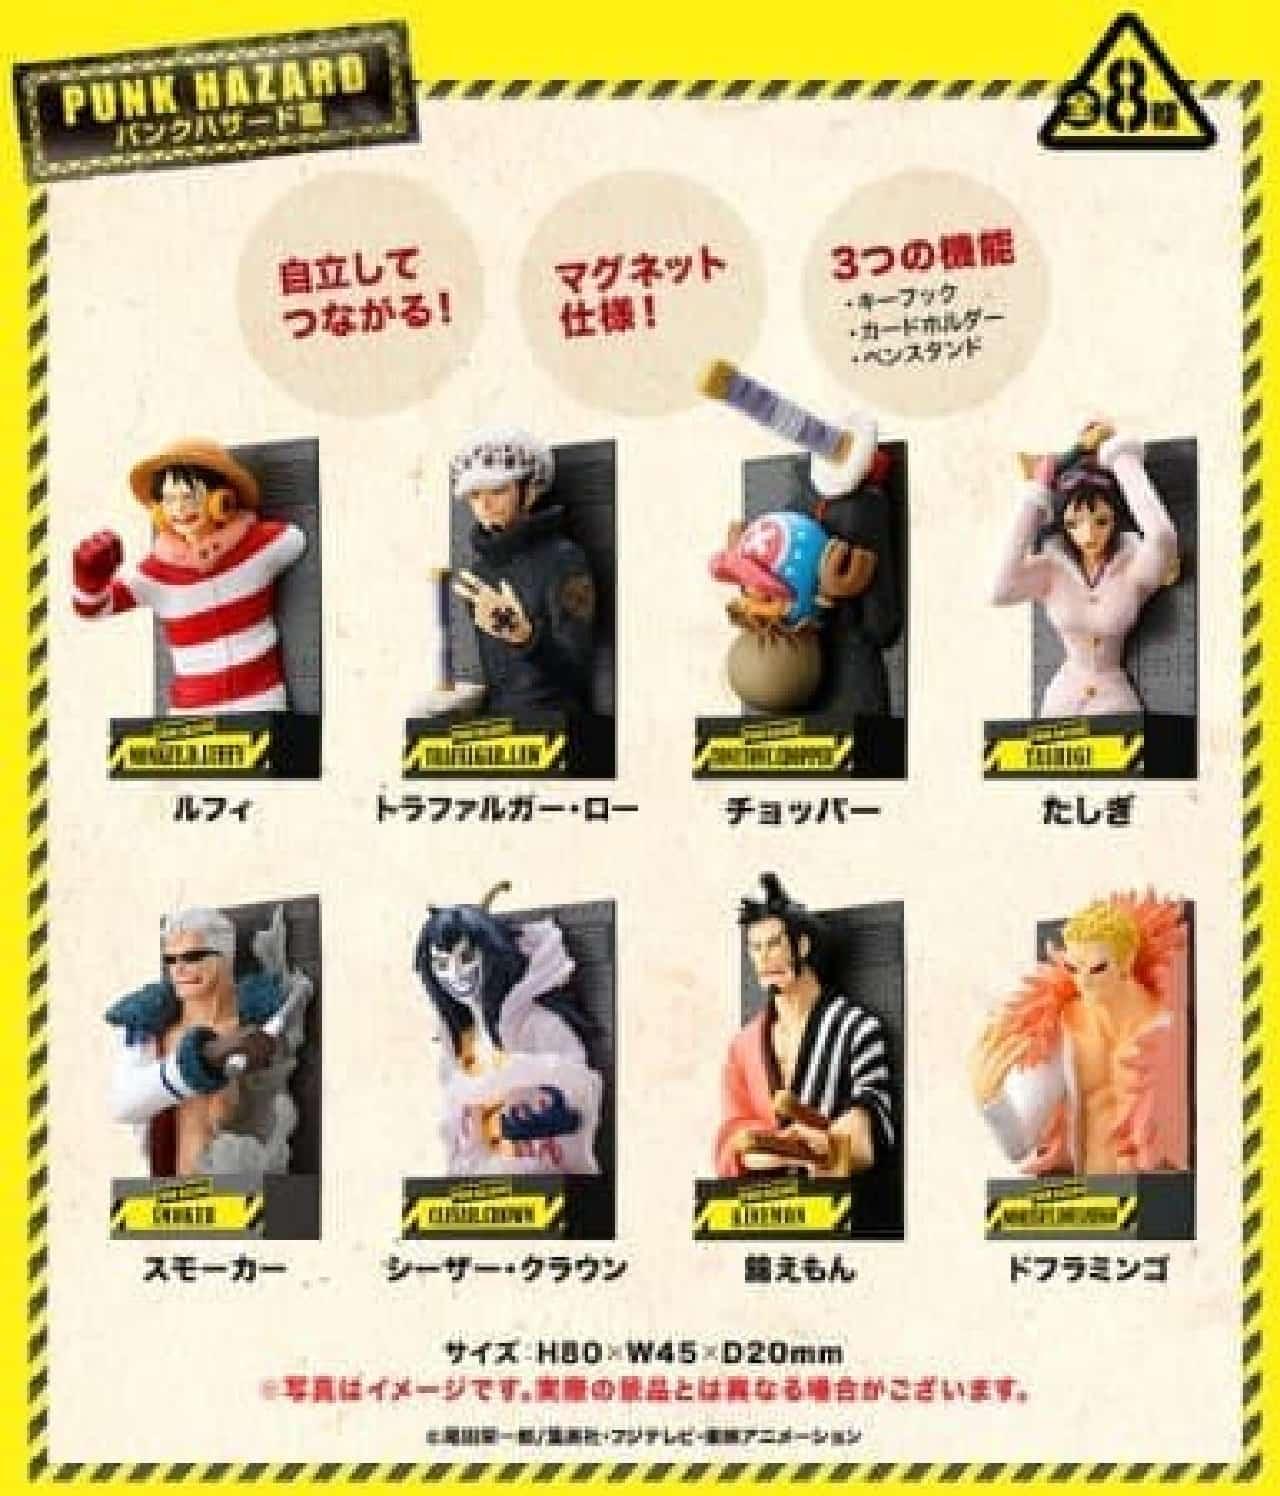 『パンクハザード篇』から、全8種がラインナップ  (画像:アサヒ飲料)